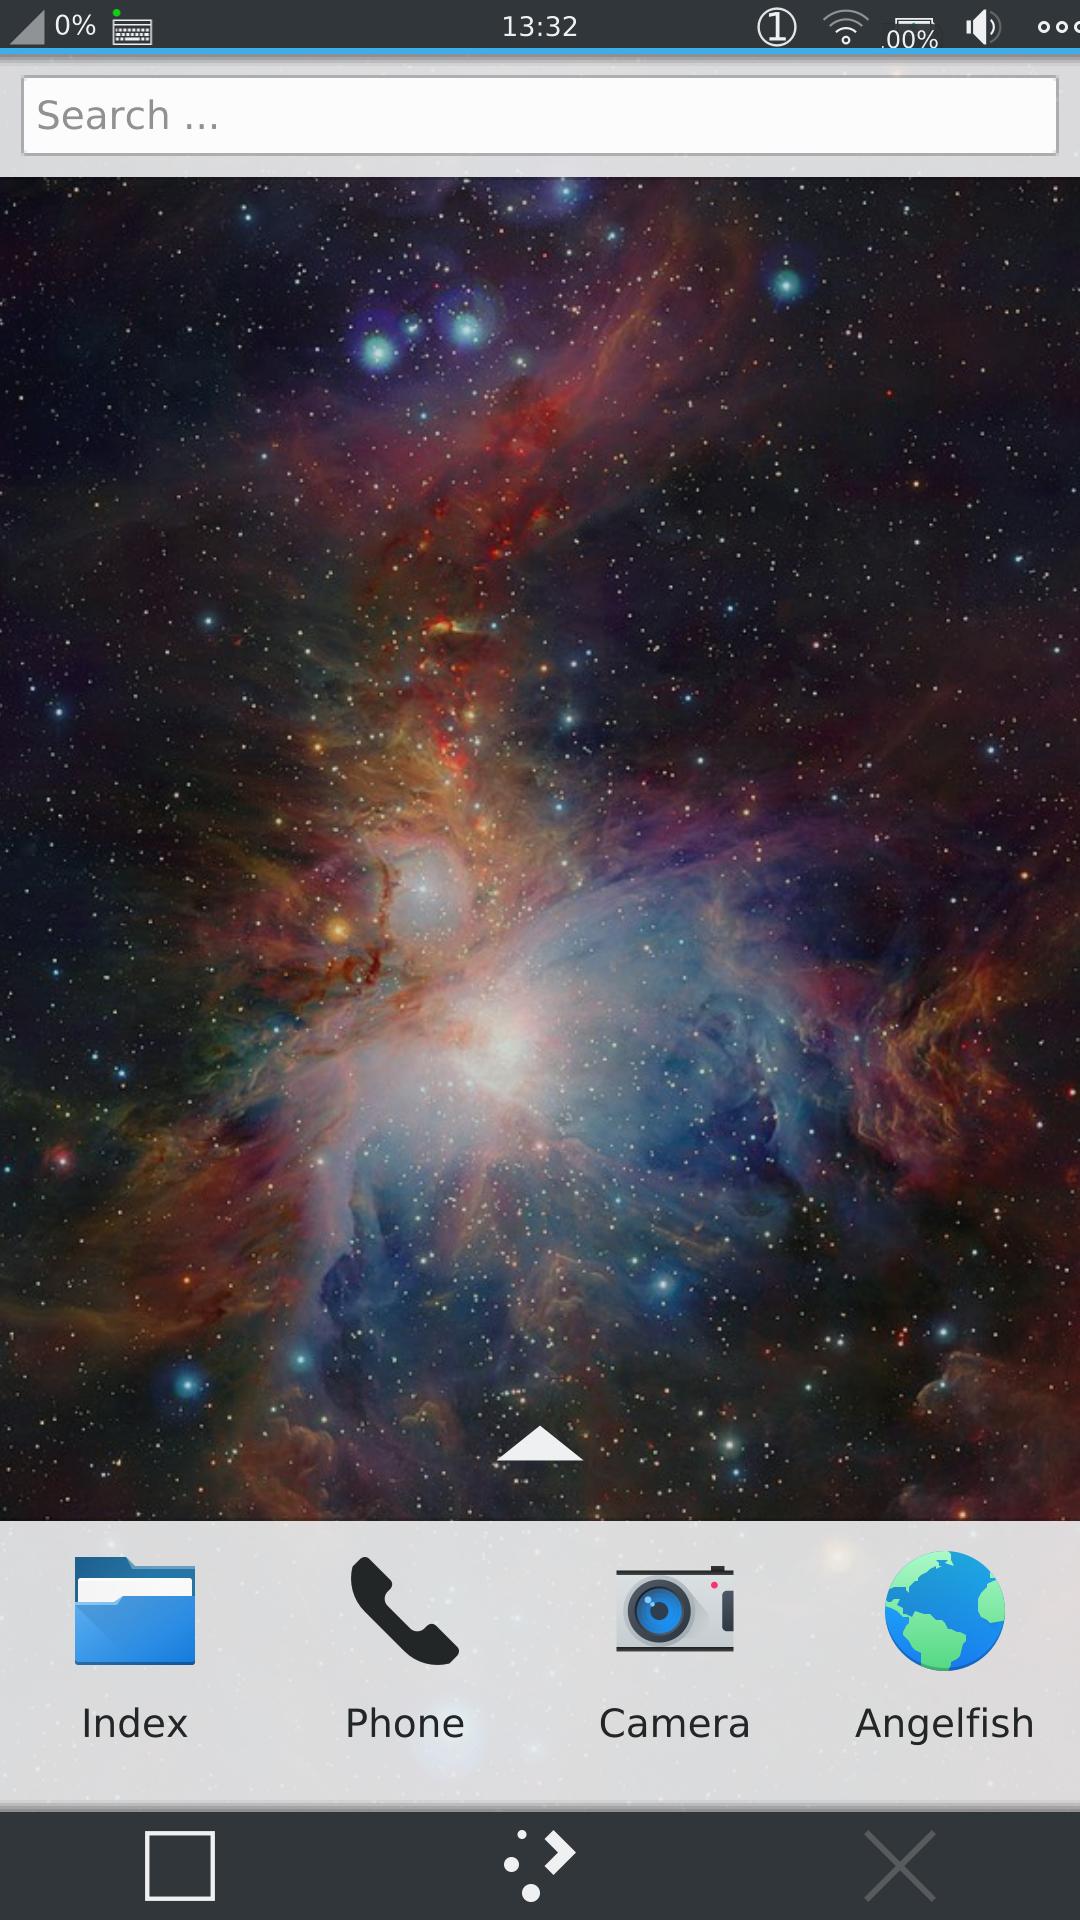 img/screenshots/screenshot_20190209_11.png